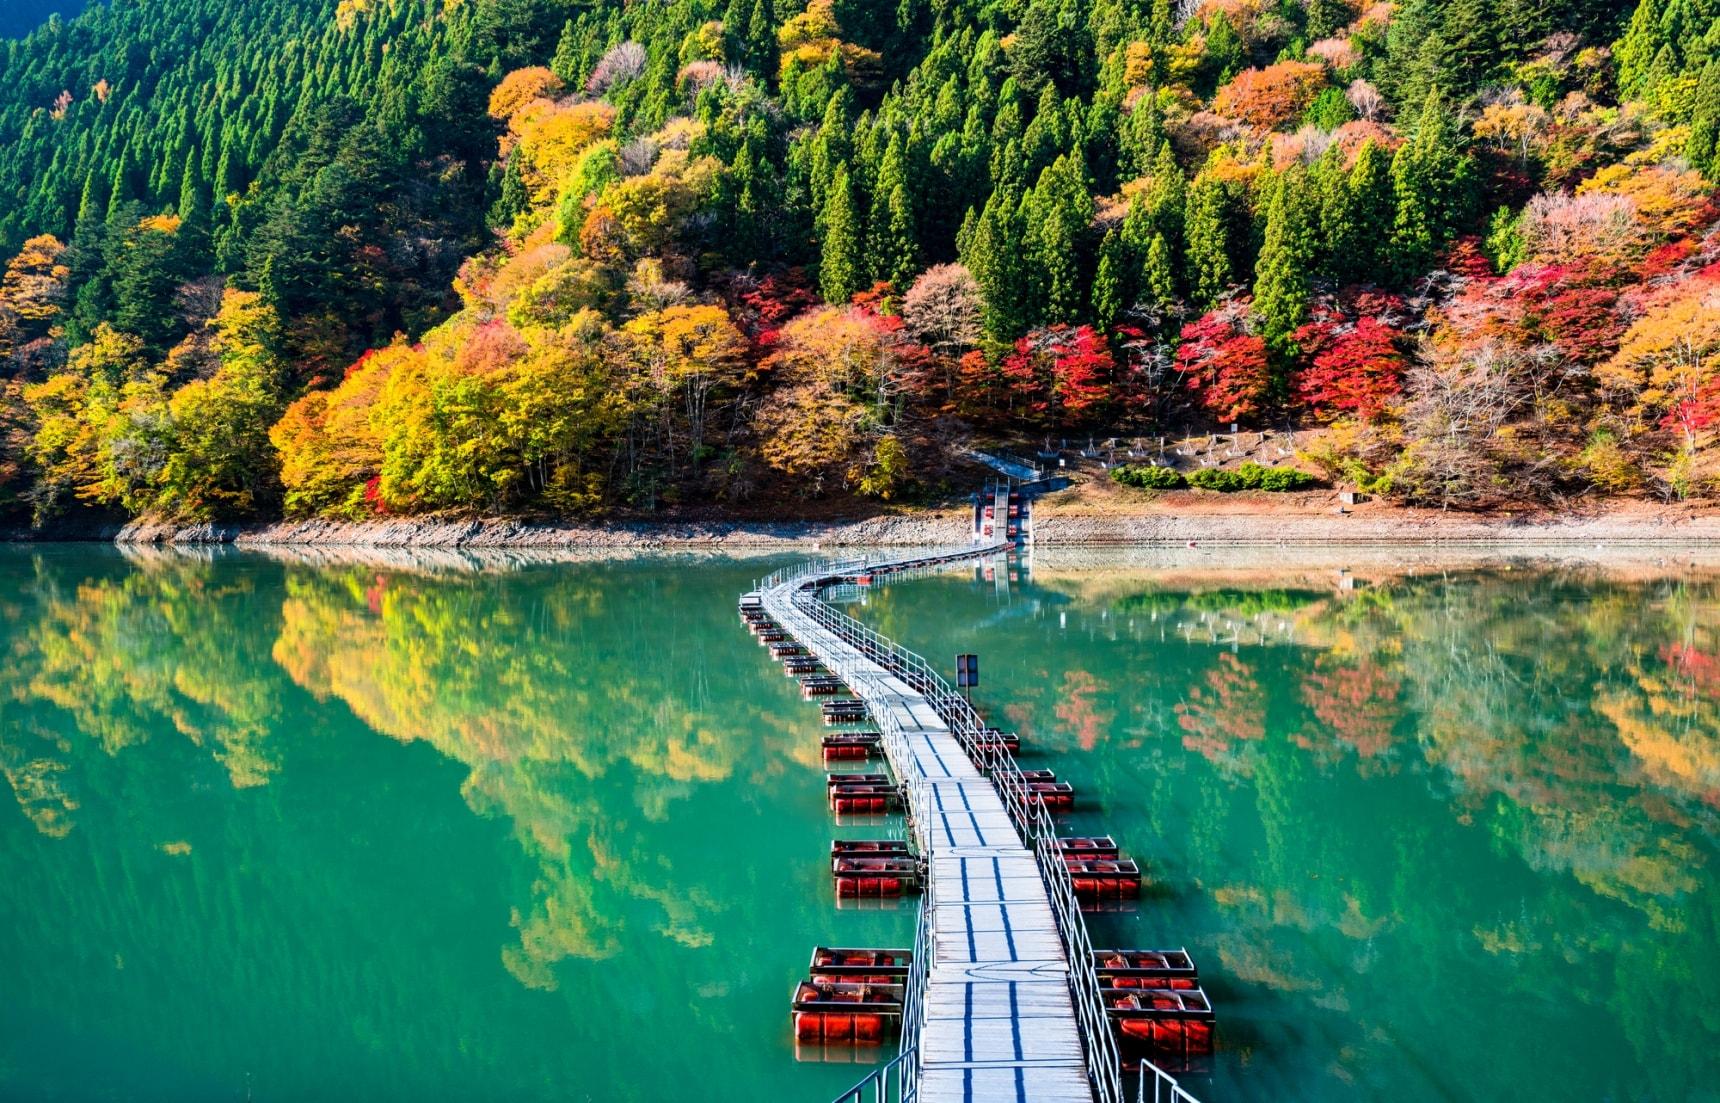 5 ที่เที่ยวลับๆ ในโตเกียวที่อยากให้คุณรู้จัก